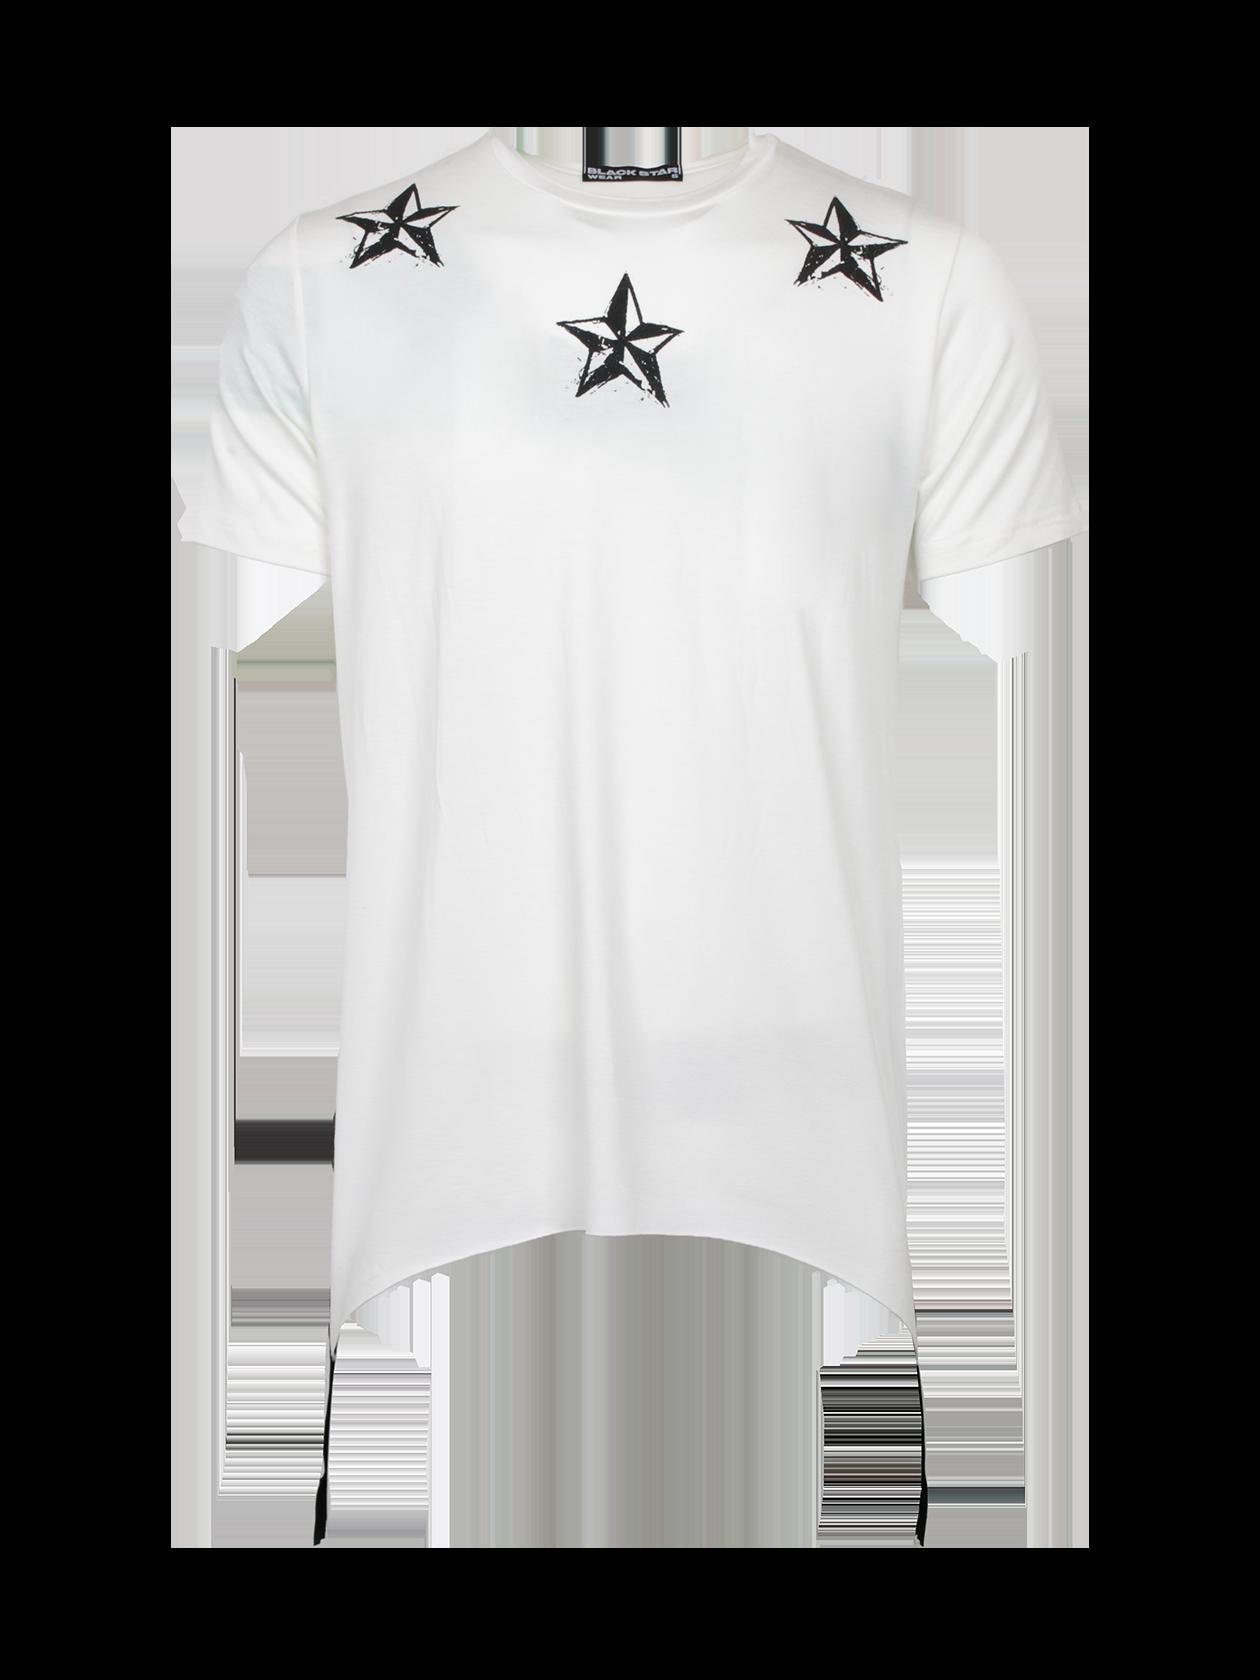 Футболка мужская REGULARМужская футболка из новой коллекции Black Star Wear. Стильная, практичная и очень качественная модель свободного кроя с коротким рукавом, а так же уникальным дизайнерским рисунком на груди в стилеBlack Star. Изделие выполнено из натурального хлопка премиального качества, что обеспечит безупречный комфорт. Низ дополняет ультрамодное дизайнерское решение в виде черных широких молний по бокам. Идеально дополнит стильный мужской образ на каждый день. Несомненно станет незаменимой и любимой вещью в гардеробе. Модель доступна в сером, черном и белом цветах.<br><br>Размер: XL<br>Цвет: Белый<br>Пол: Мужской